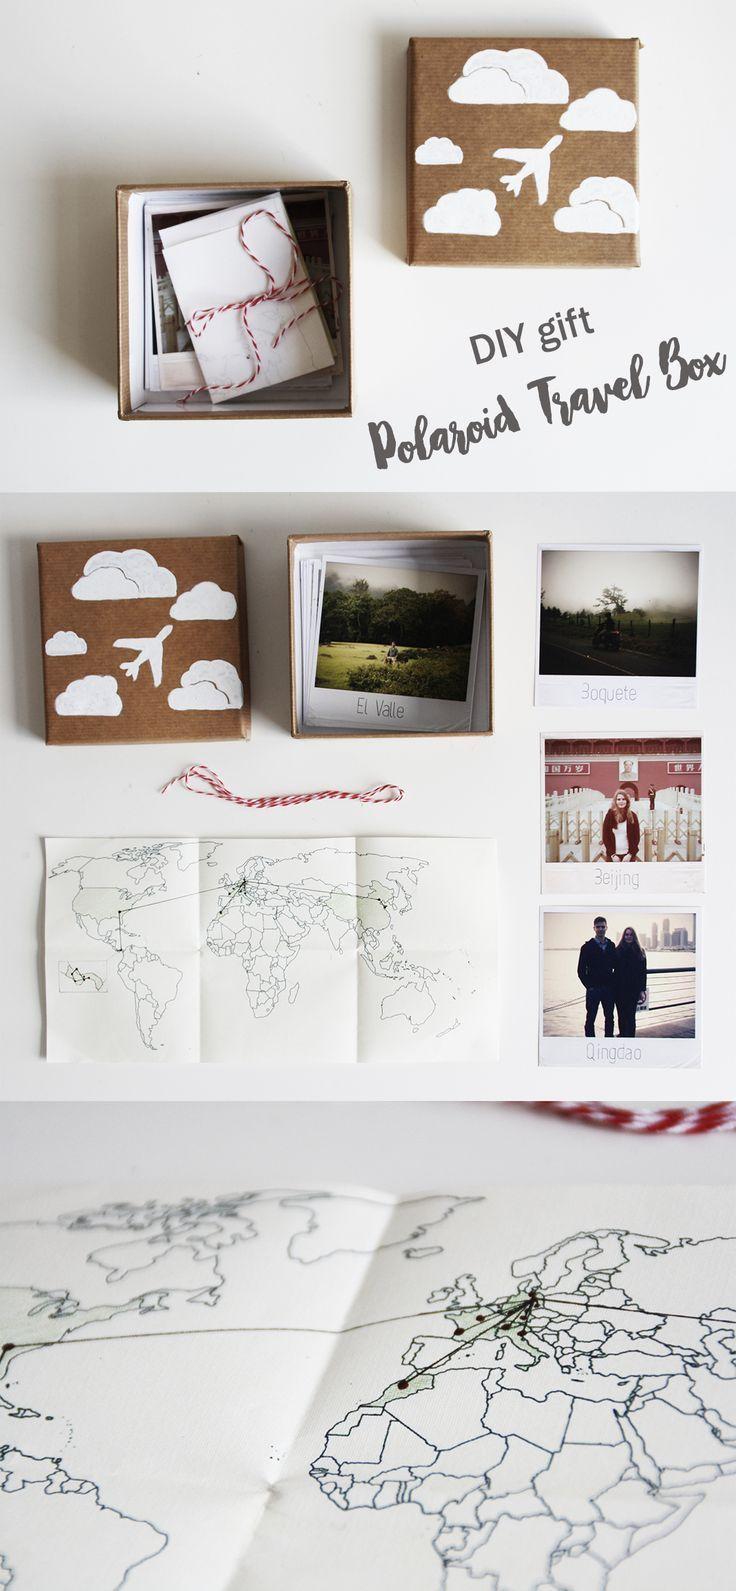 Diy Geschenk Fur Weltenbummler Die Polaroid Reise Kiste Diy Ideen